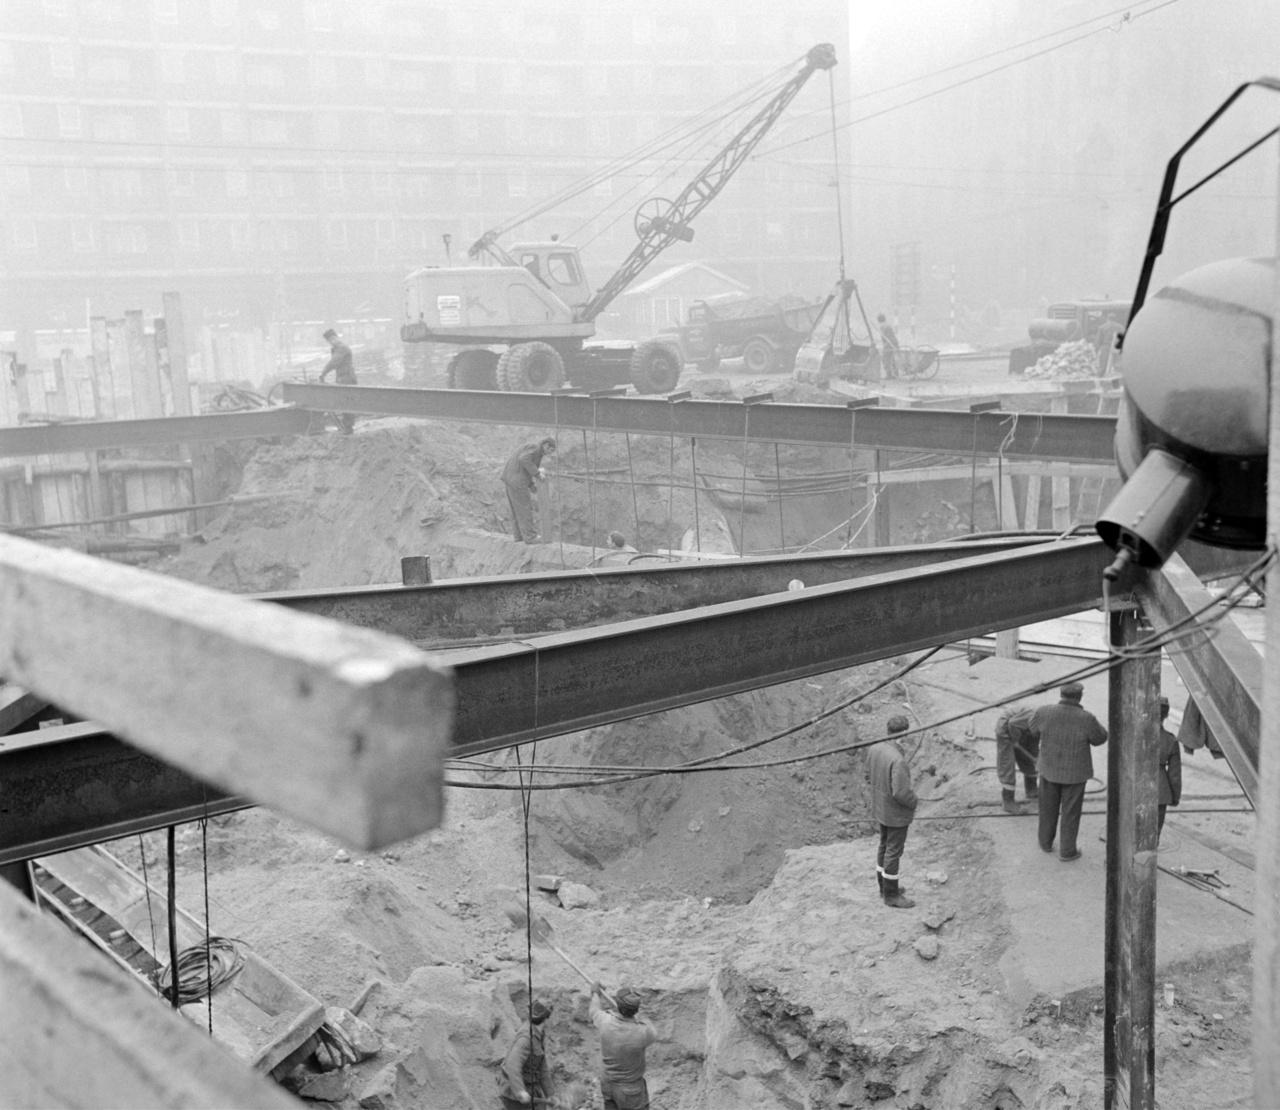 Az Üllői út és a Nagykörút kereszteződésénél álló ún. Lottóház előtt épül az aluljáró 1970-ben 1957 júniusától az összkomfortos öröklakás lett a lottó a fő tárgynyereménye. Országszerte épültek az ún. Lottóházak, Lottó-lakótelepek, de lehetett nyerni bárhol felépíthető családi házat is. Az Üllői út és a Nagykörút sarkán, a forradalom romjain 1961-ben felhúzott sokemeletes lottópalota már a harmadik volt Budapesten a Mártírok úti (ma Margit körút) és a Múzeum körúti után.